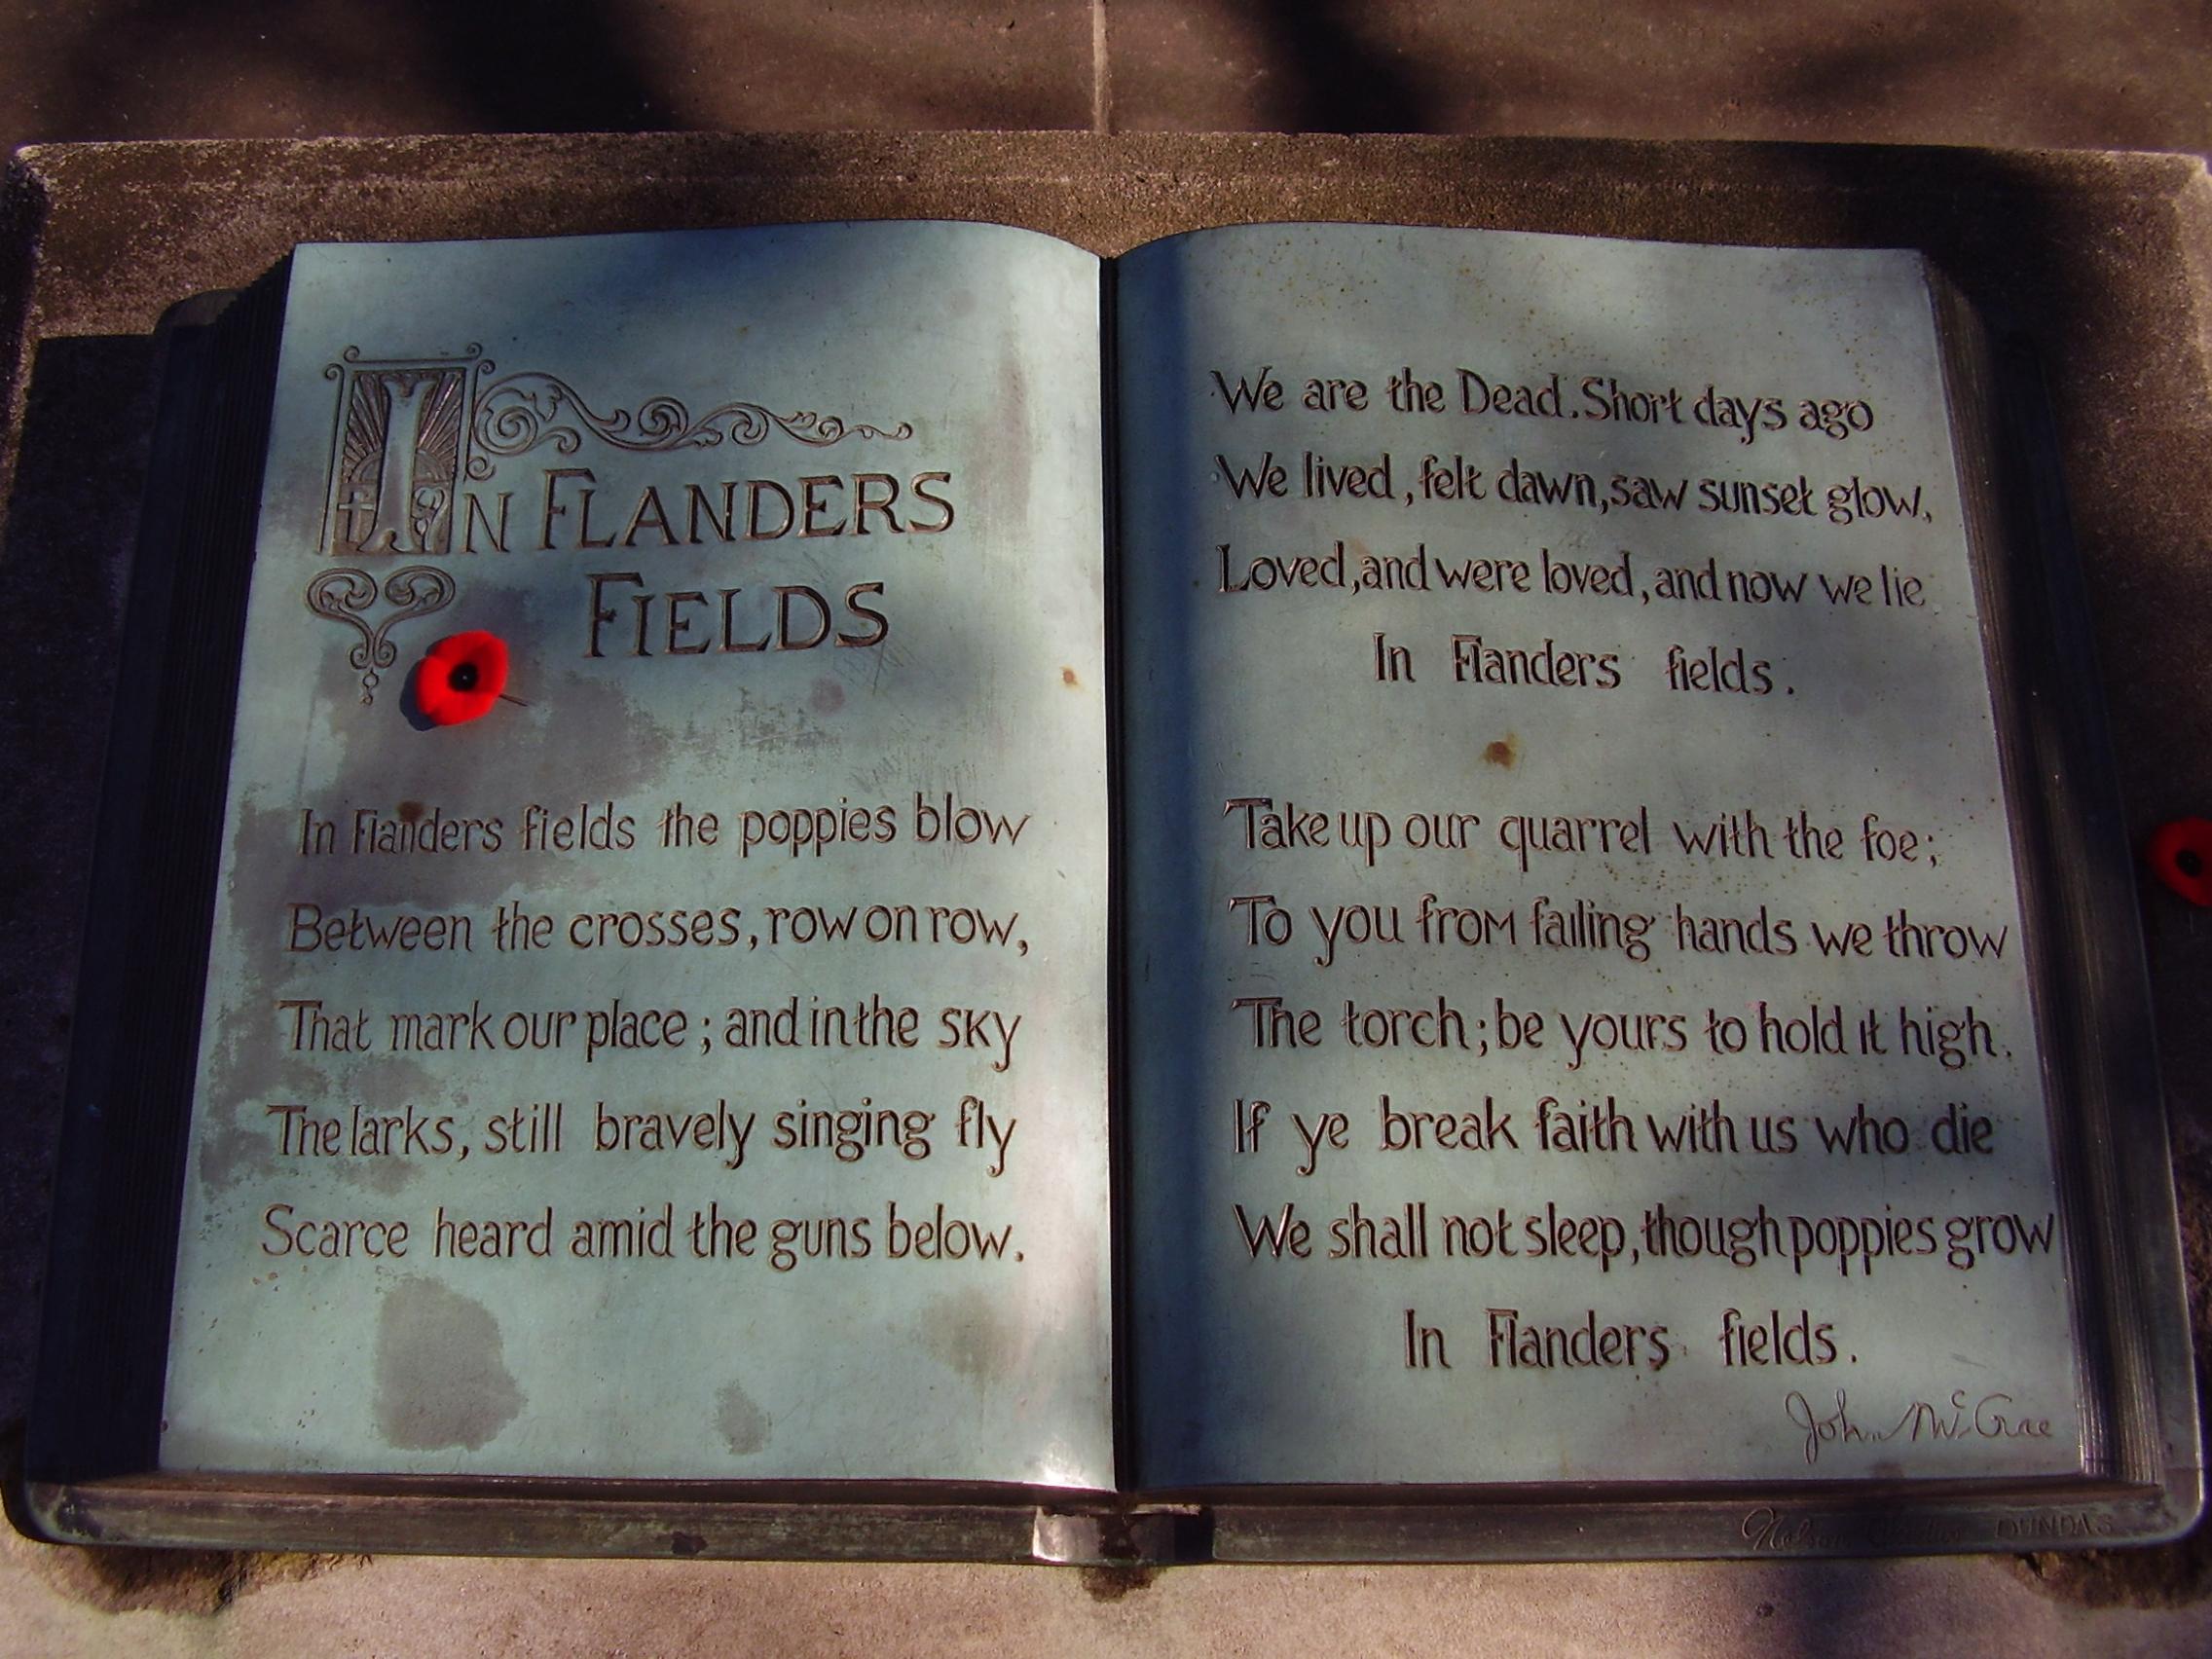 In Flanders fields, Skulptur im McCrae House, Guelph, Ontario, Canada. Sollte ja eigentlich ein Gedicht gegen den krieg sein, und kein Grund einen krieg zu beginnen. Foto von Lx 121, Lizenz: Creative Commons-Lizenz Namensnennung-Weitergabe unter gleichen Bedingungen 3.0 Unported